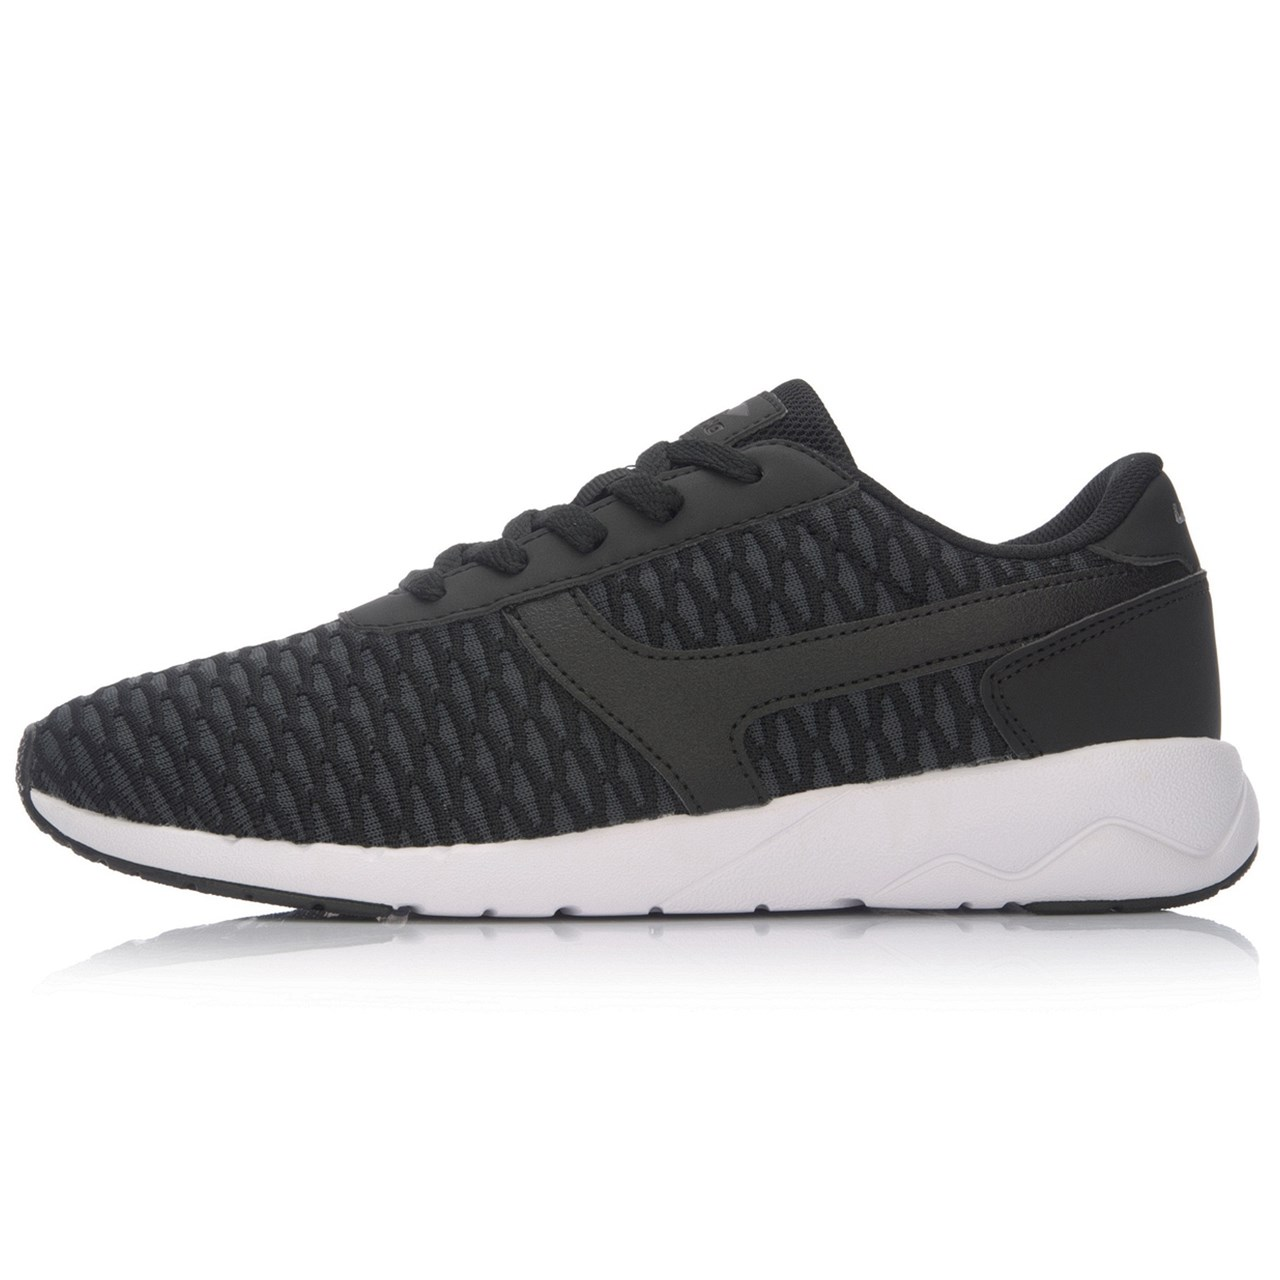 کفش مخصوص پیاده روی مردانه لی نینگ مدل ARCM003-1